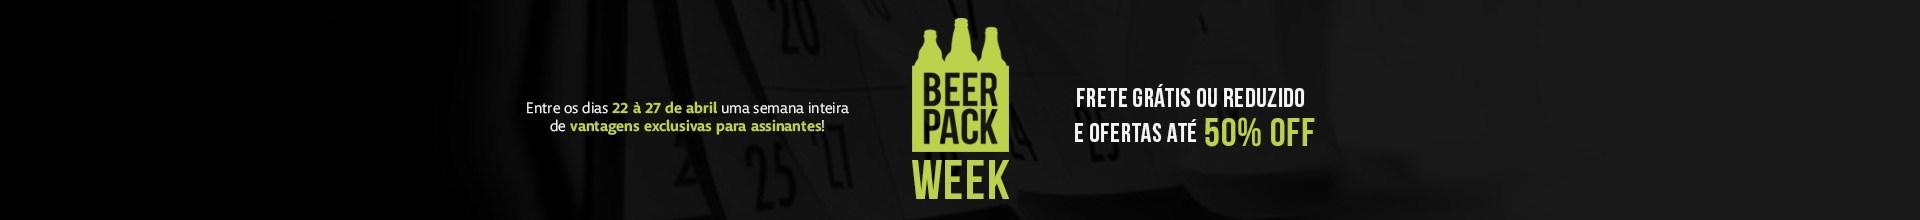 Semana Beer Pack